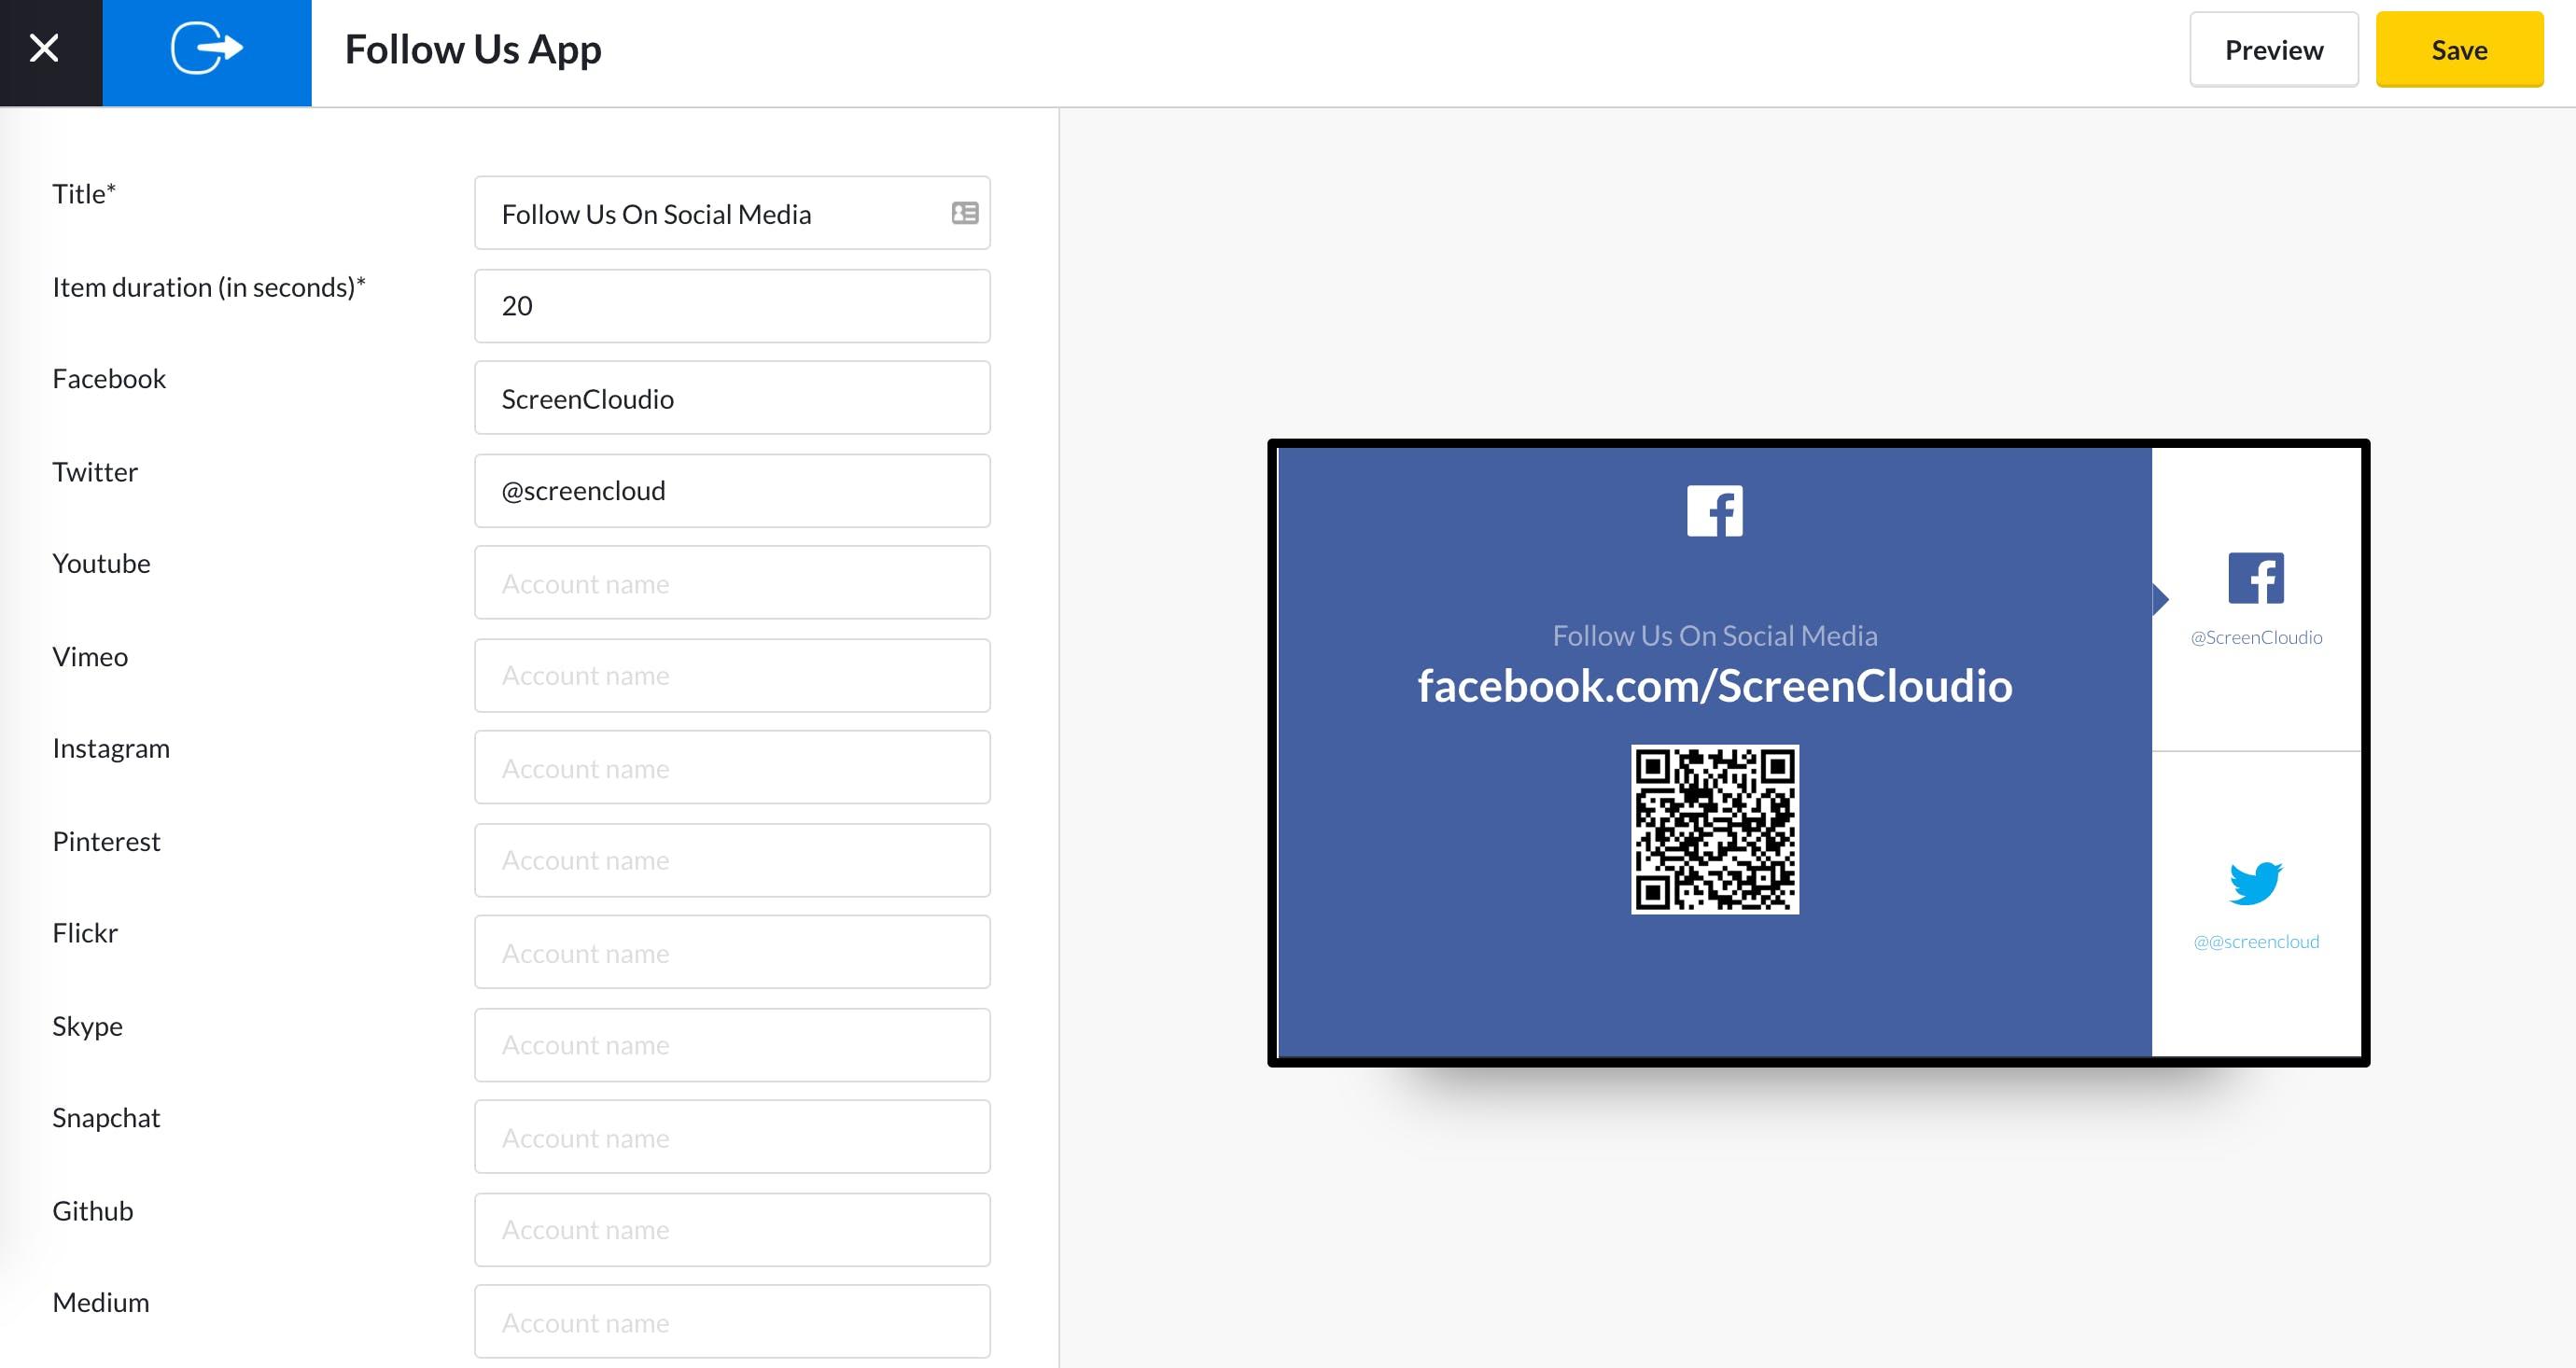 Follow Us App Guide - Enter socials 5.13.2020.png